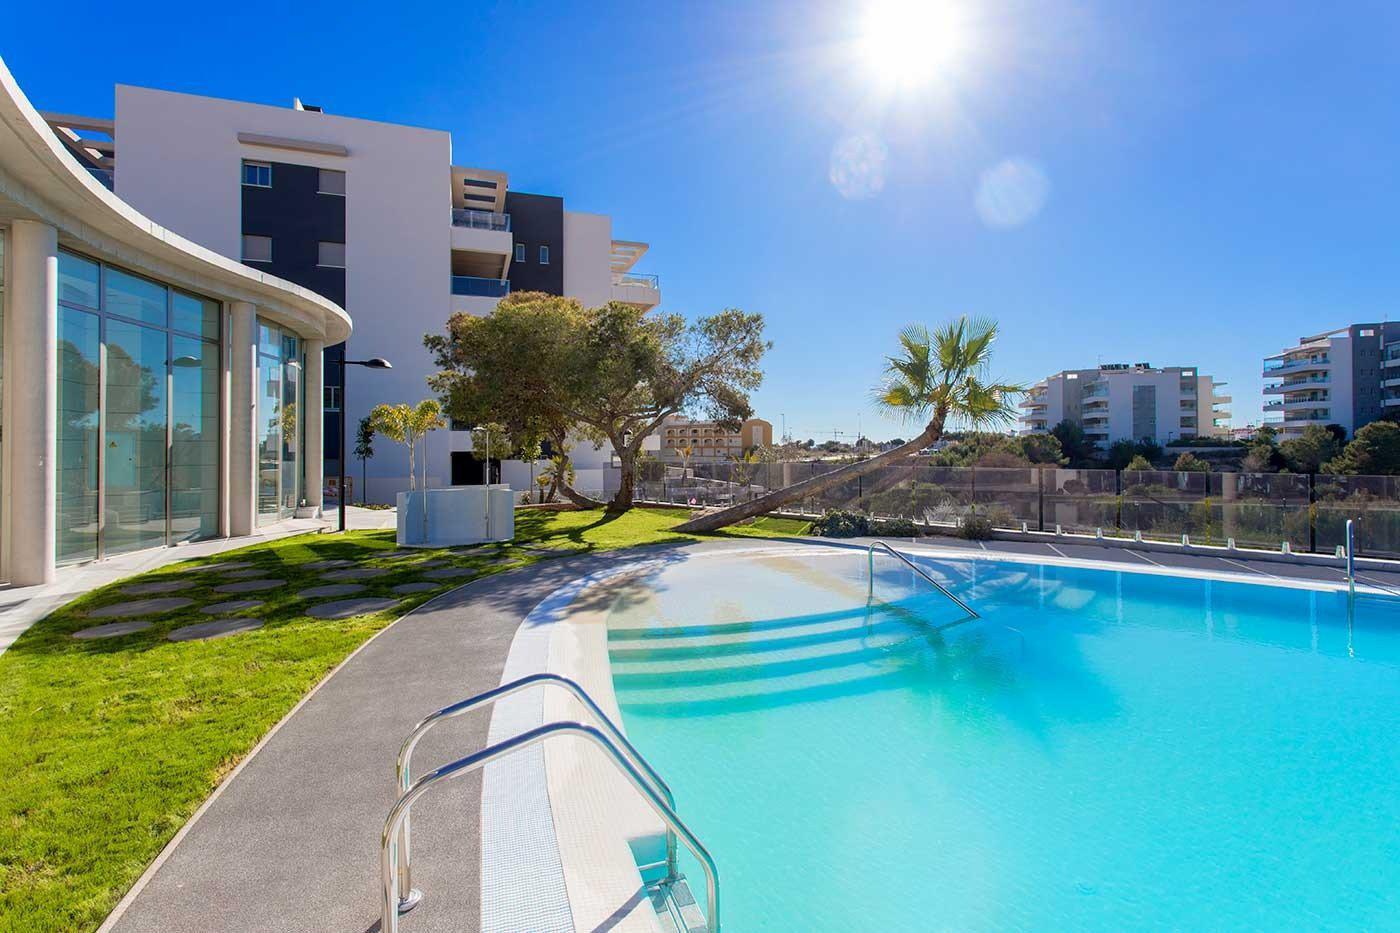 Complejo de estilo moderno con apartamentos de 2,3 dormitorios y 2 baños con amplias terra - imagenInmueble13